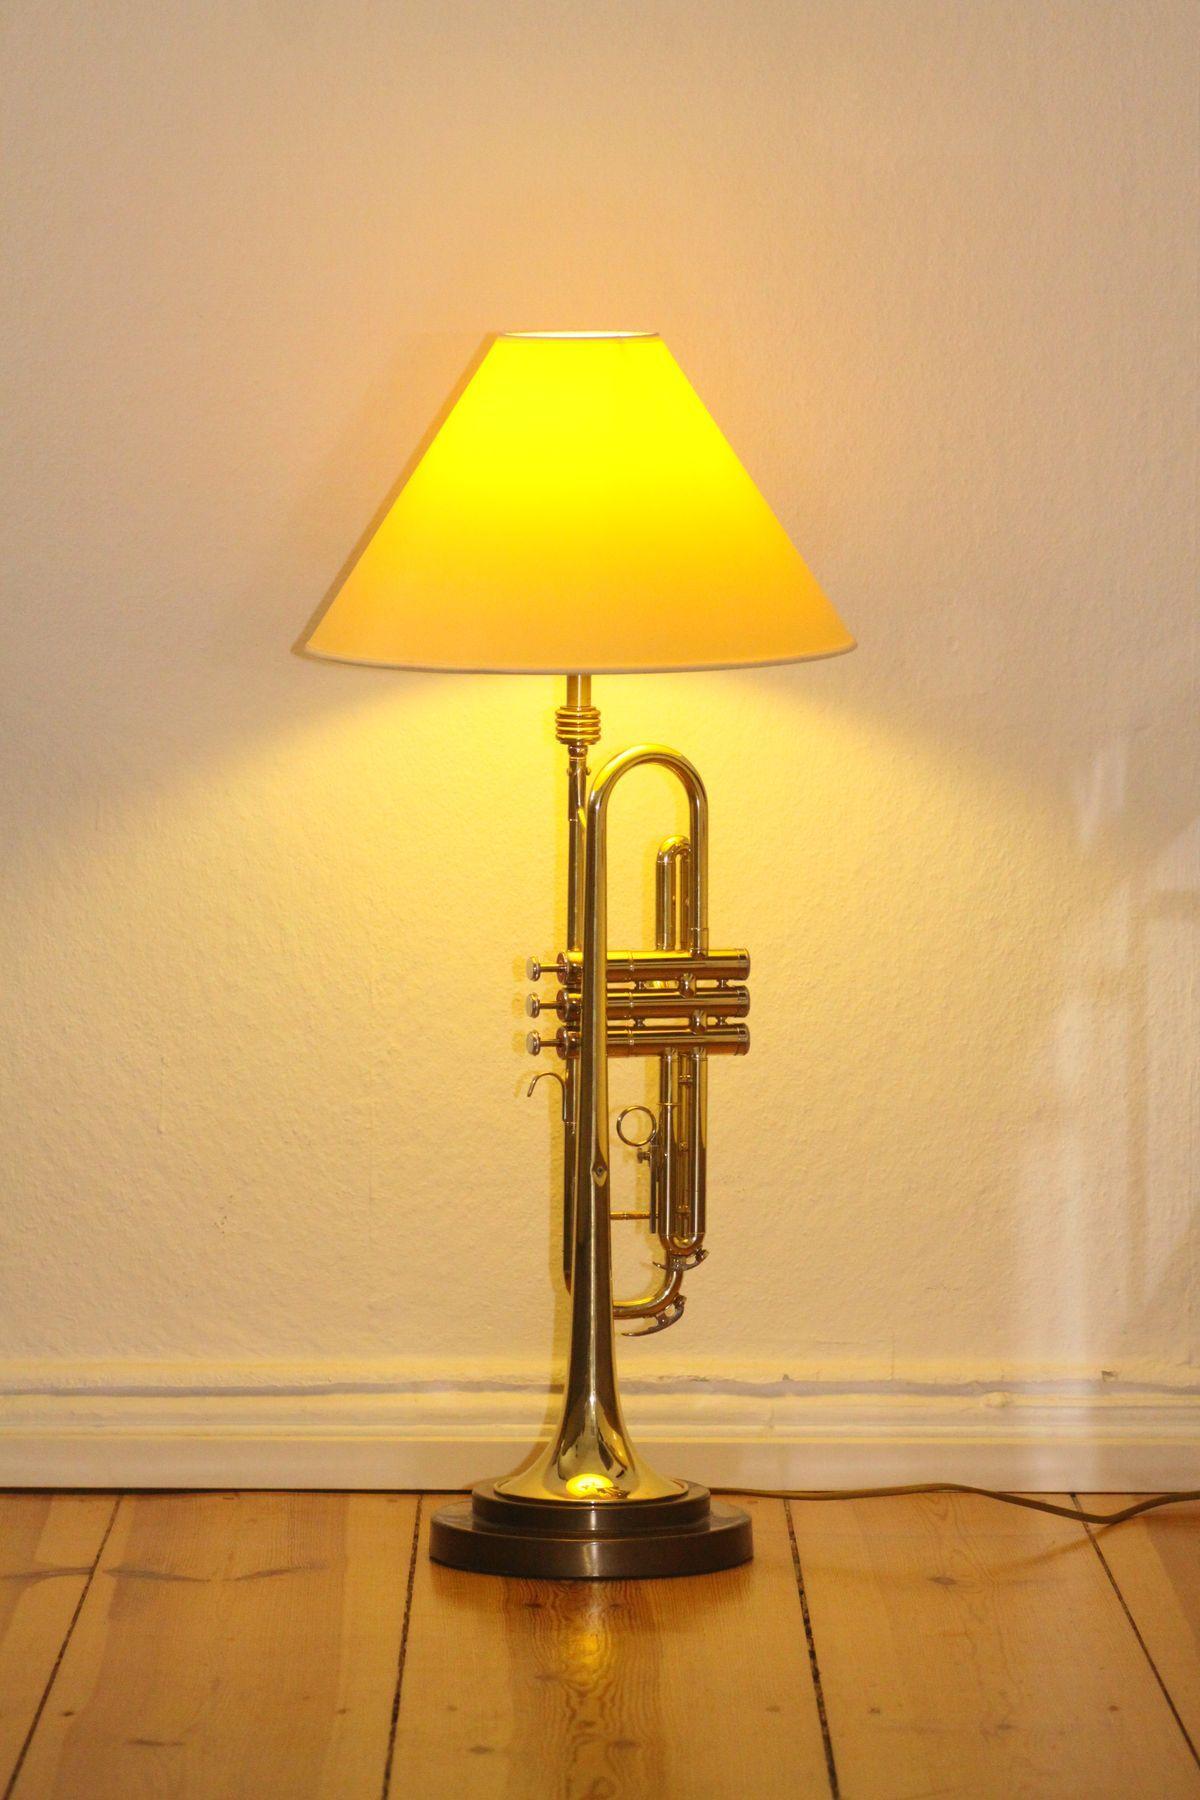 Trumpet lamp floor lamp gold beige brown vintage handmade 37_01